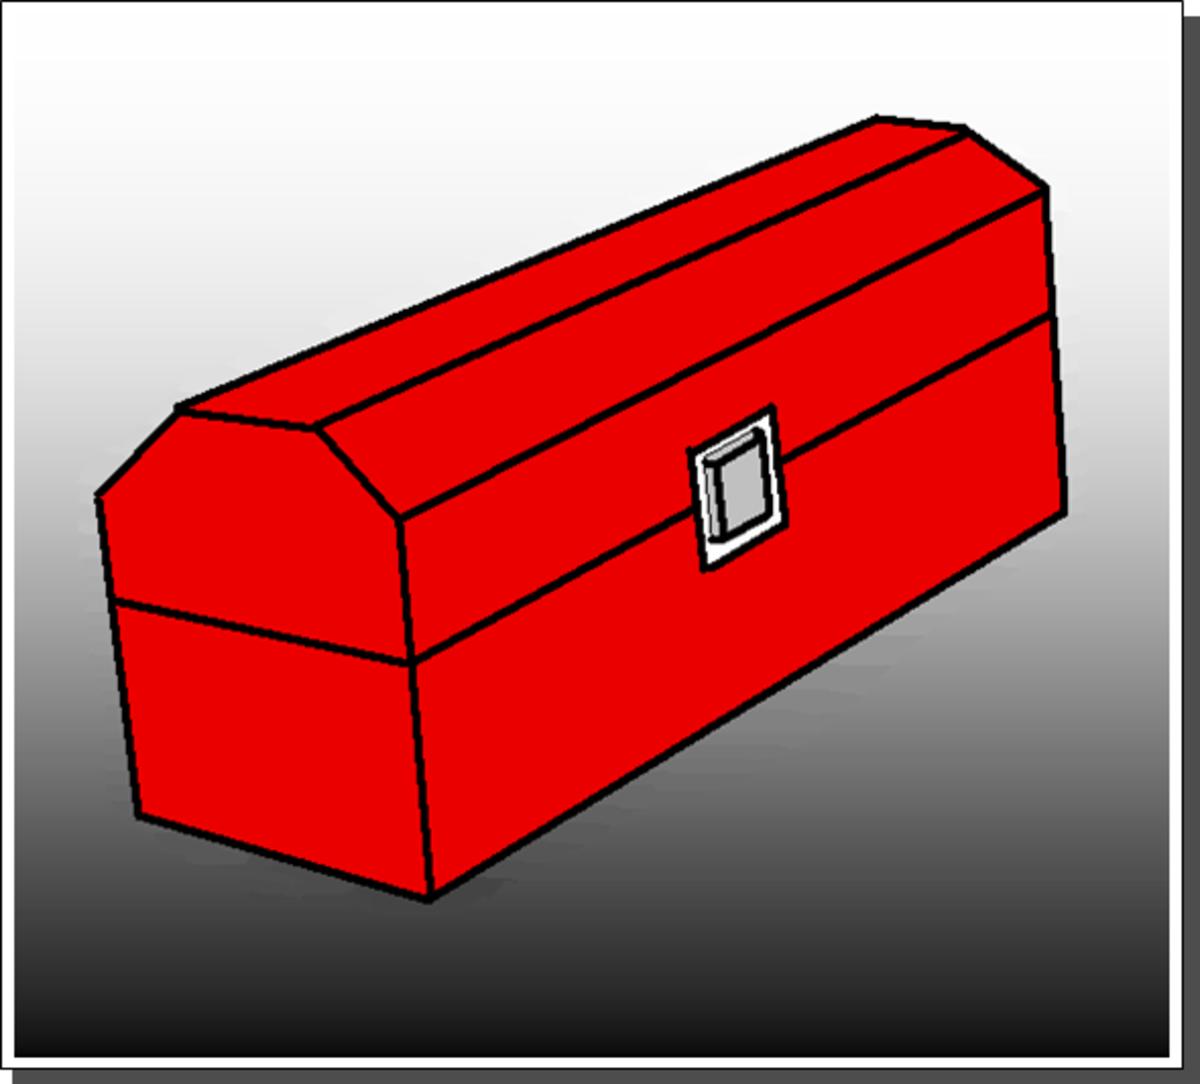 Diagnostic toolbox